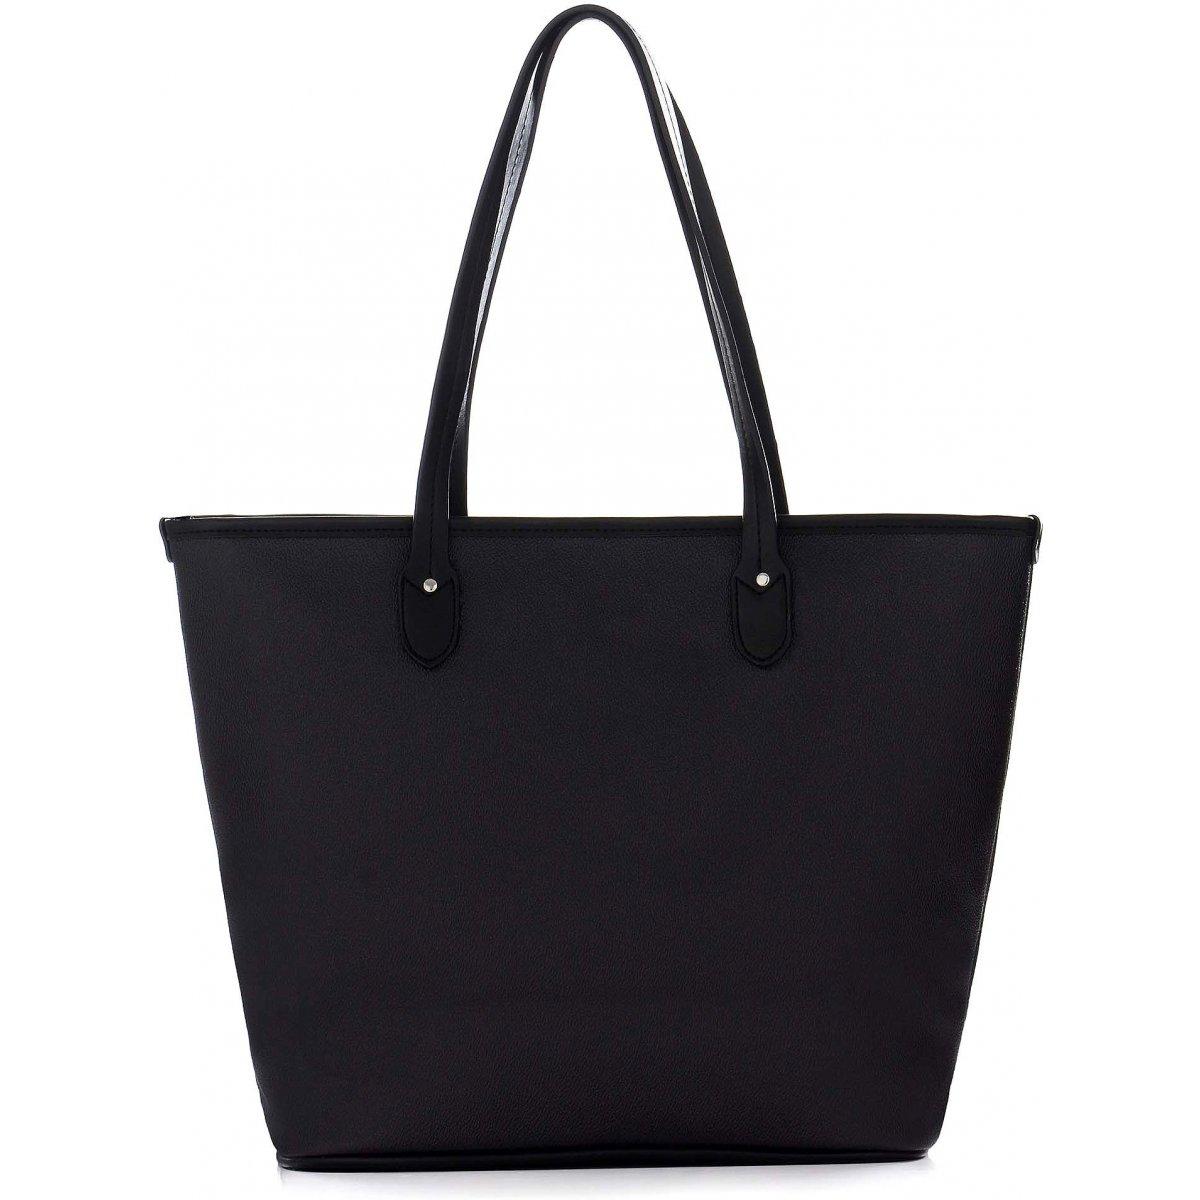 sac main les sacs de krlot fkg00961 couleur principale bleu promotion. Black Bedroom Furniture Sets. Home Design Ideas